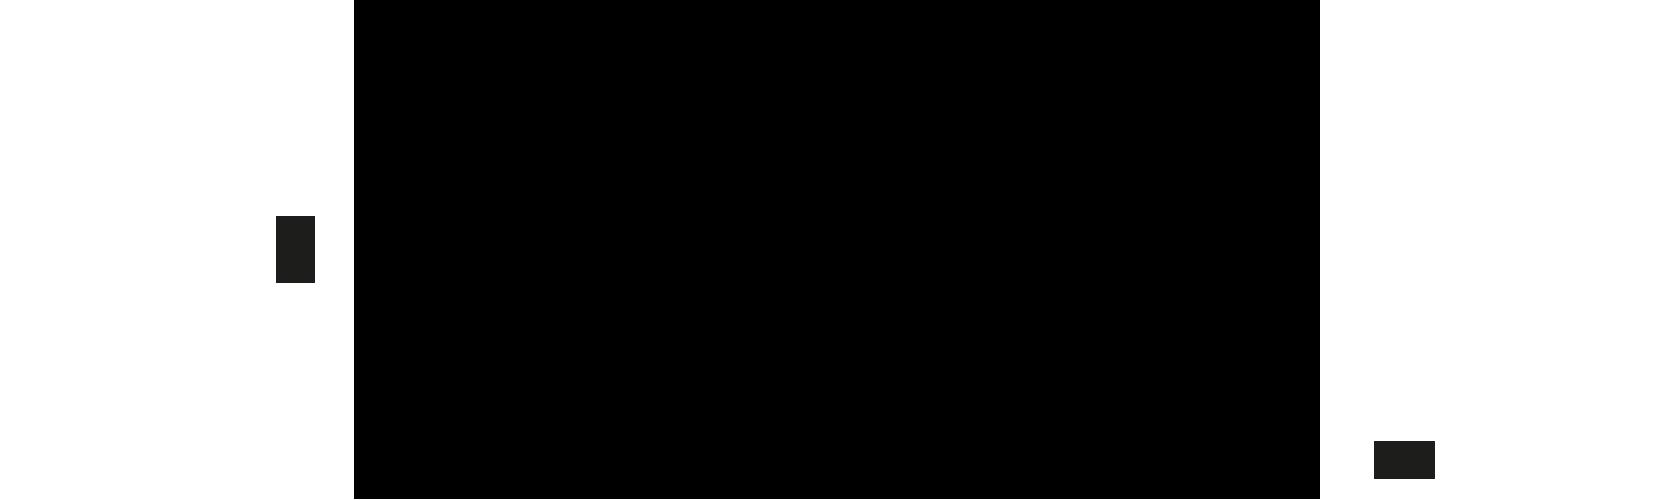 SM58-SE周波数応答曲線